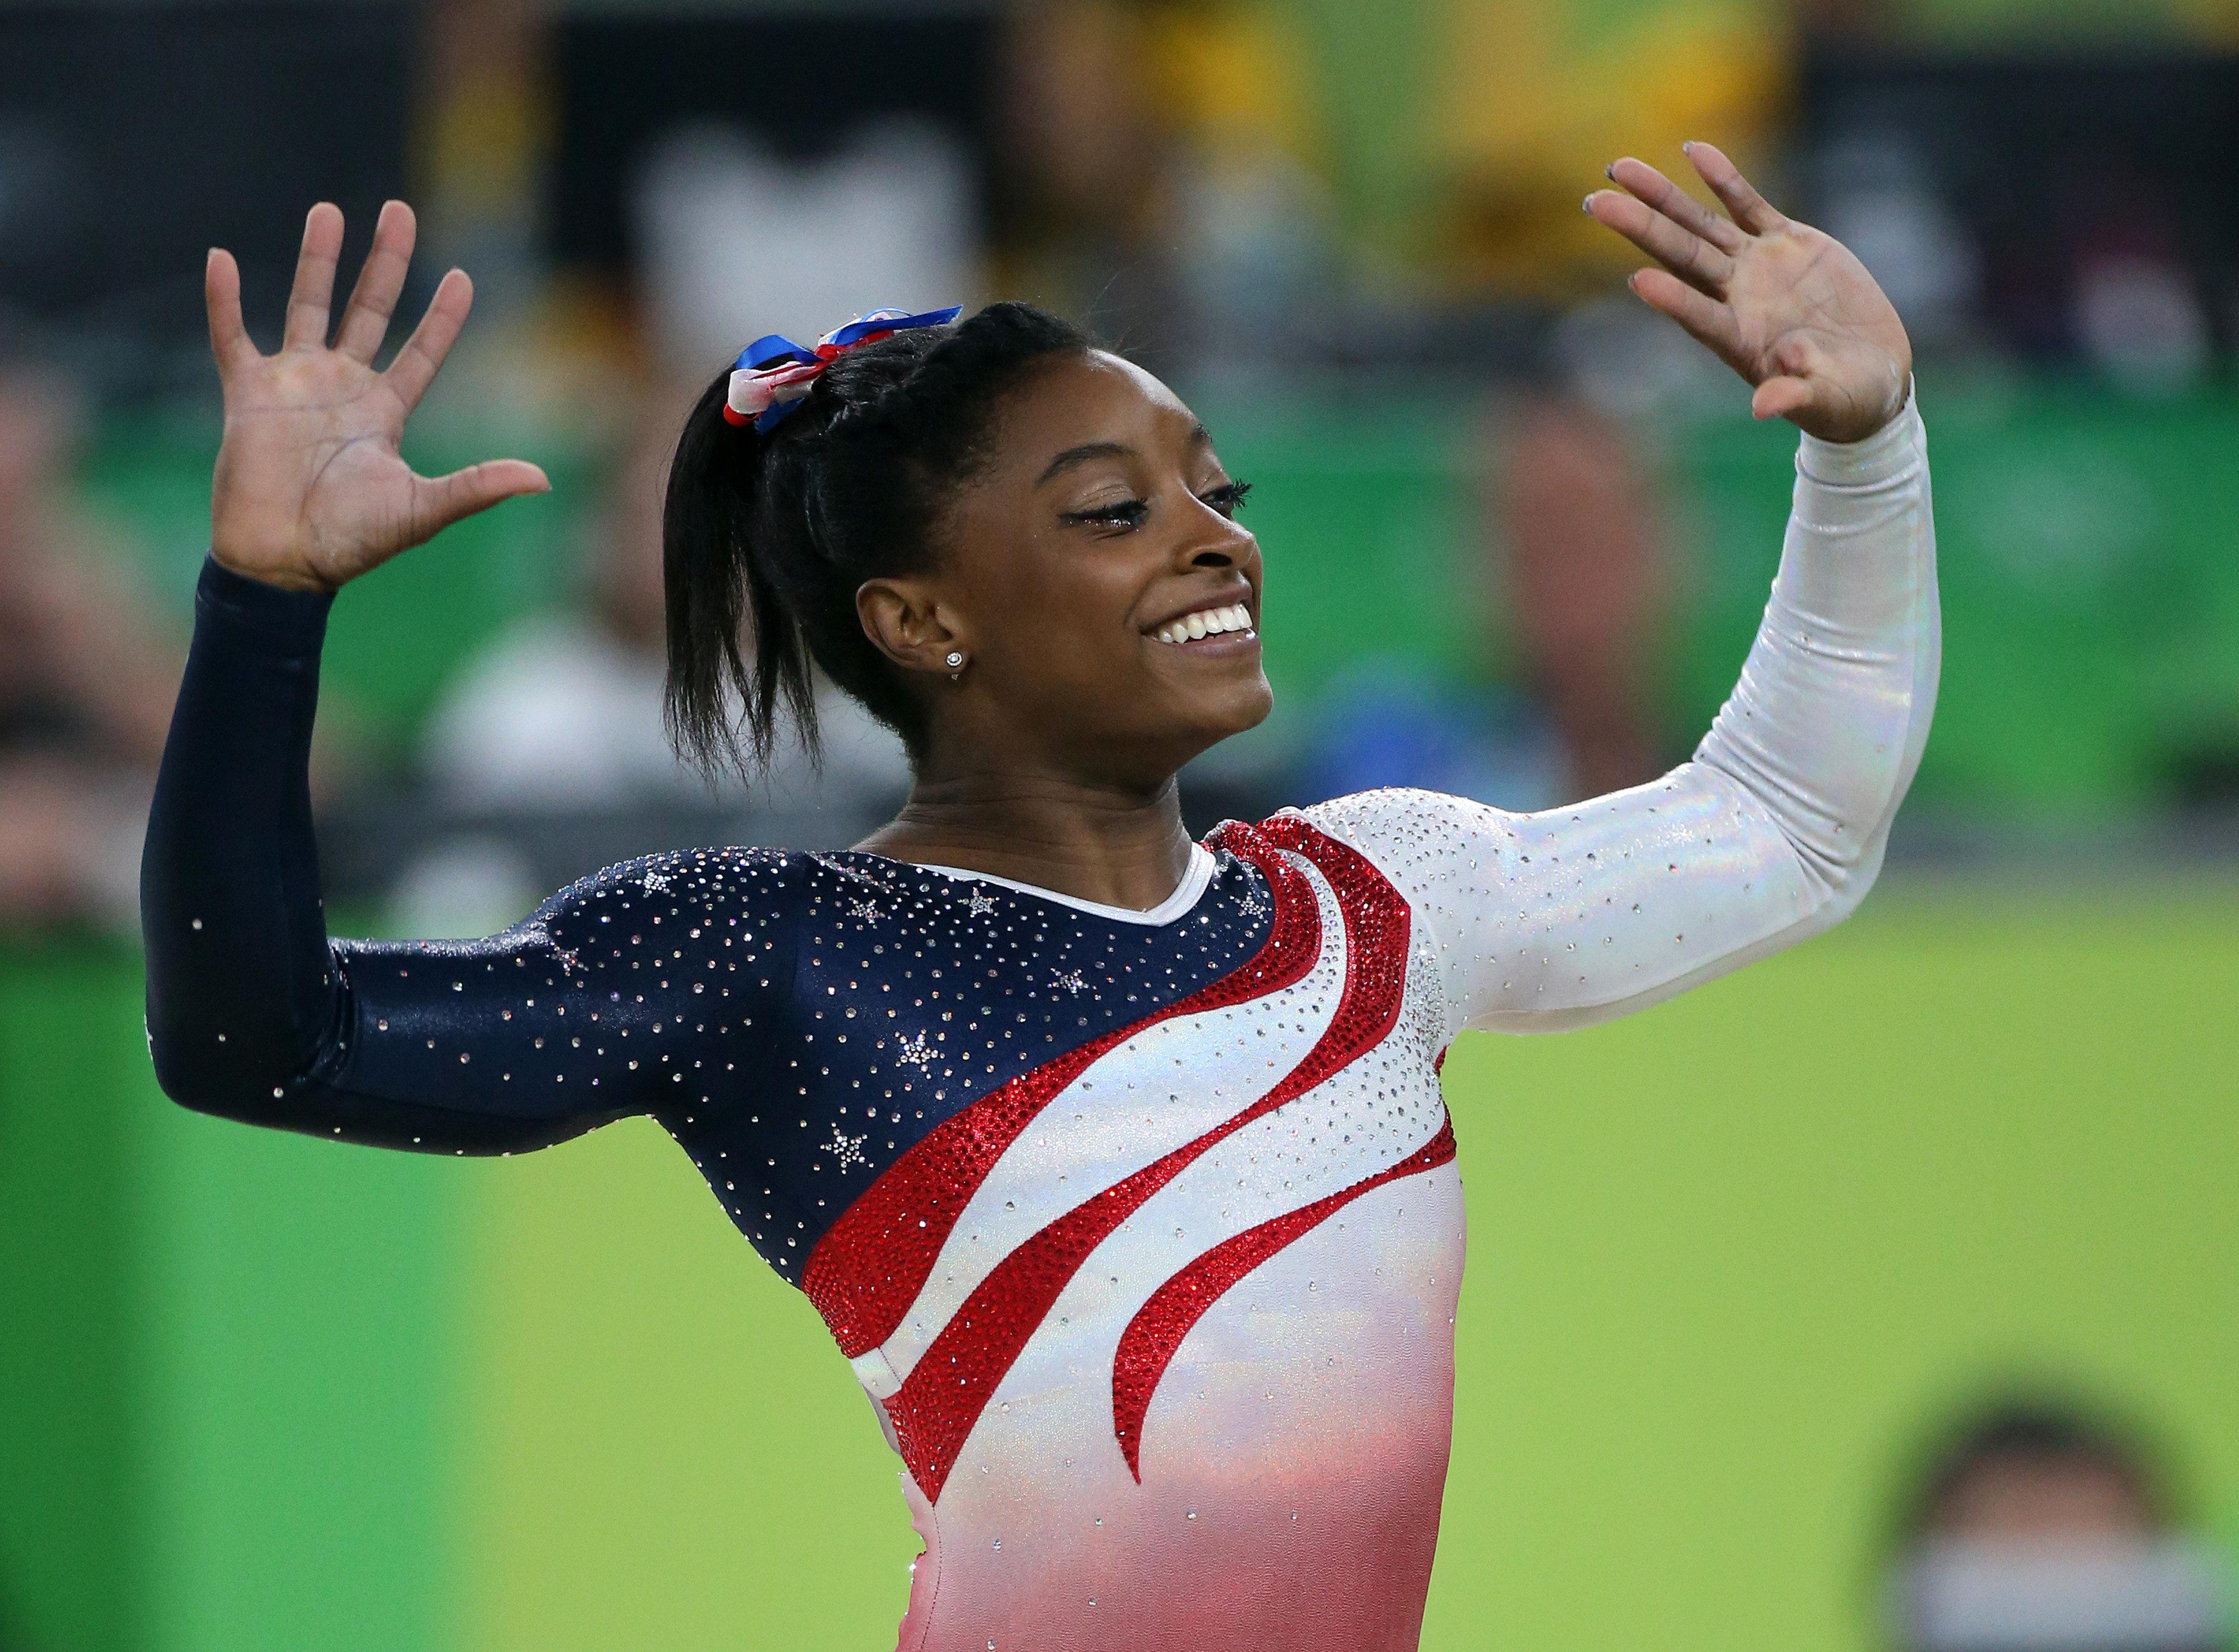 リオ金メダルの体操選手、里親を「両親ではない」といったコメンテーターに素敵な返答